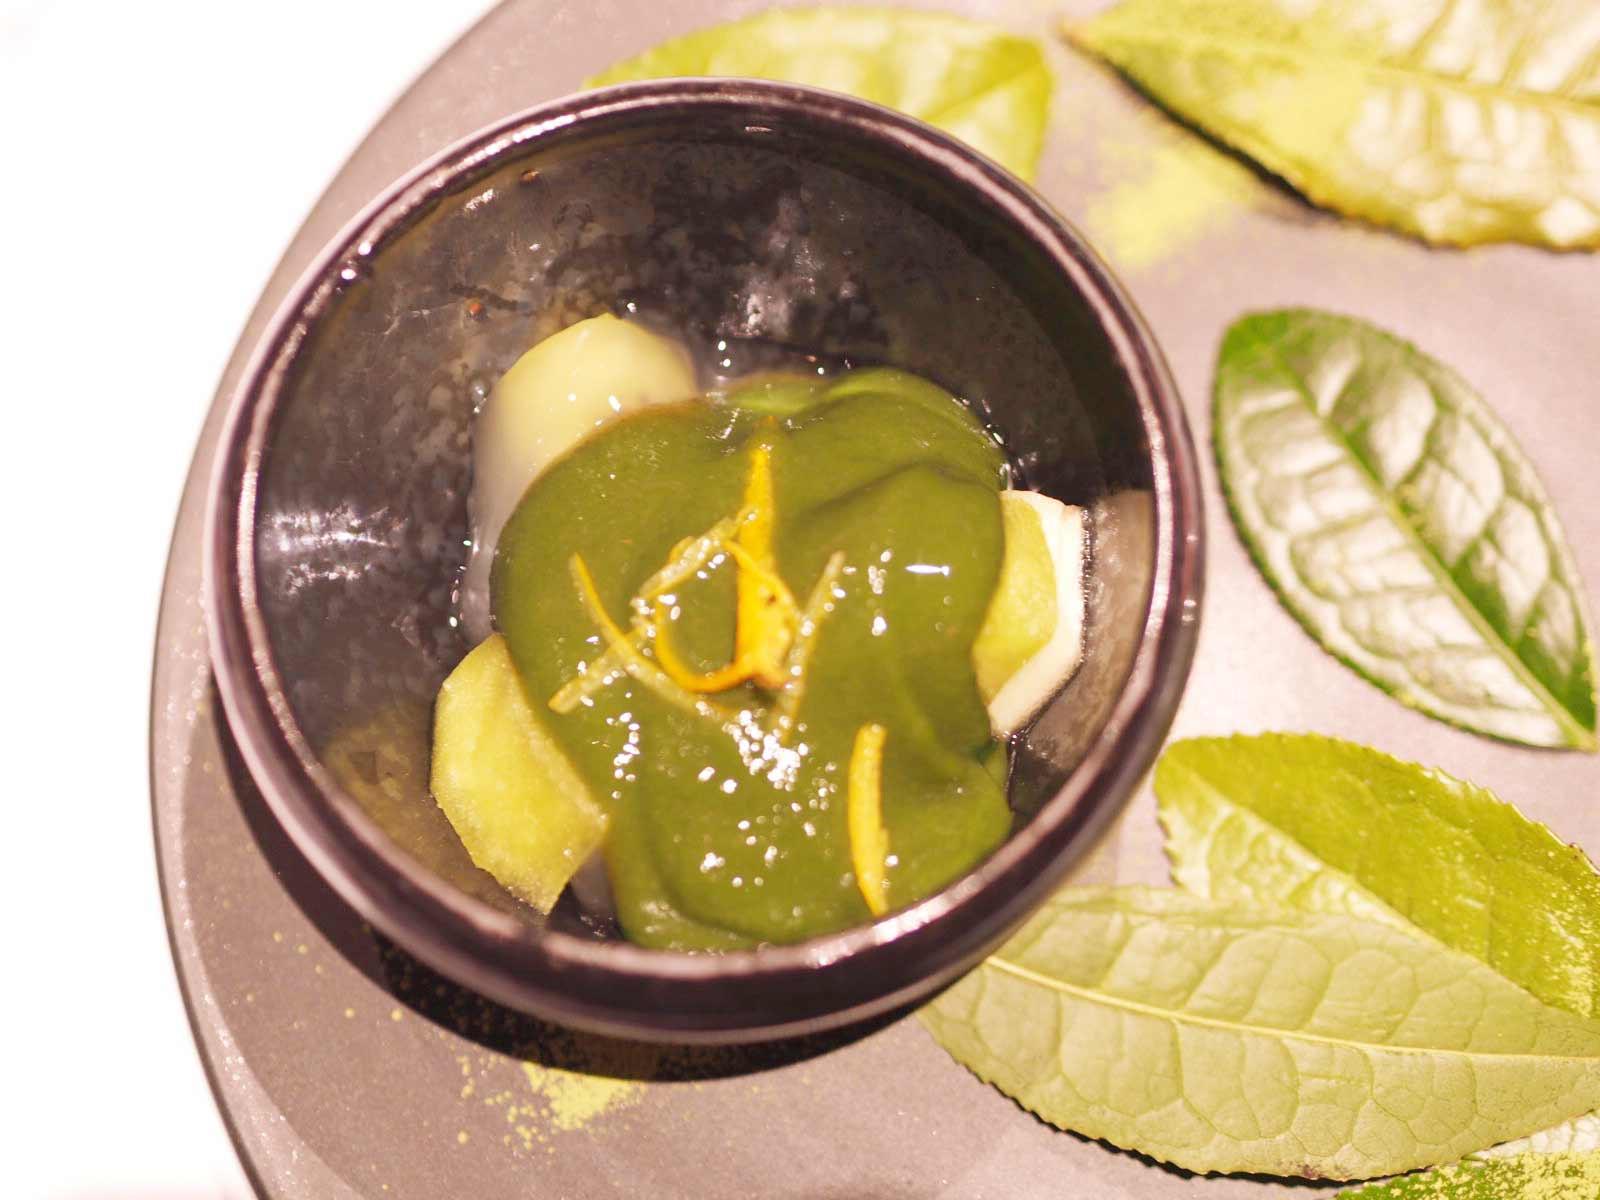 ハーゲンダッツ抹茶サロン 3種の濃さの抹茶ティラミス